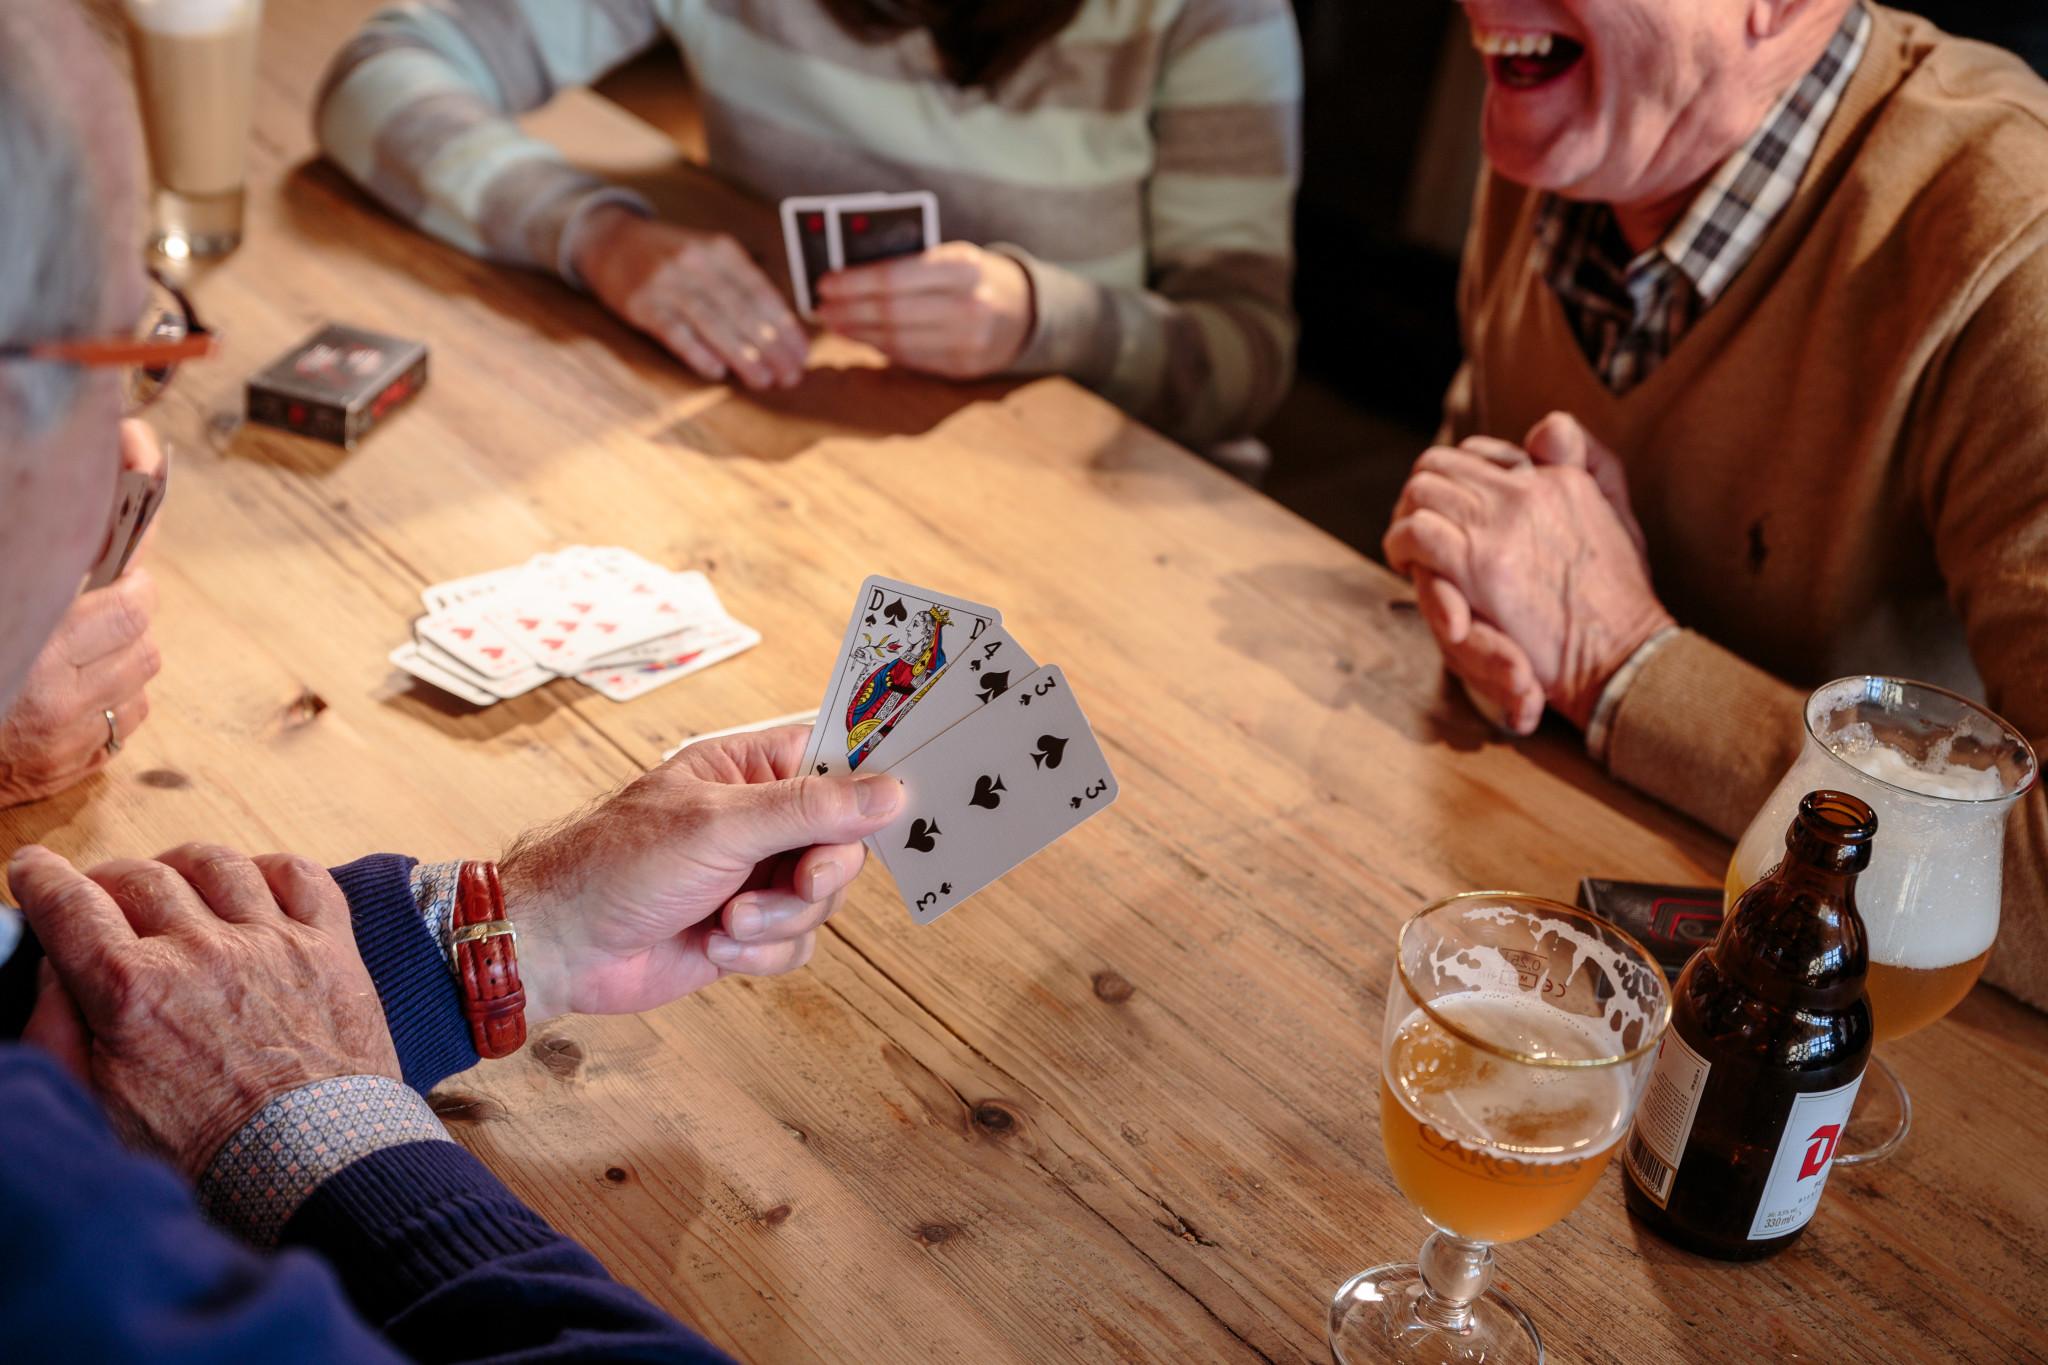 Leute spielen mit Jasskarten im Café